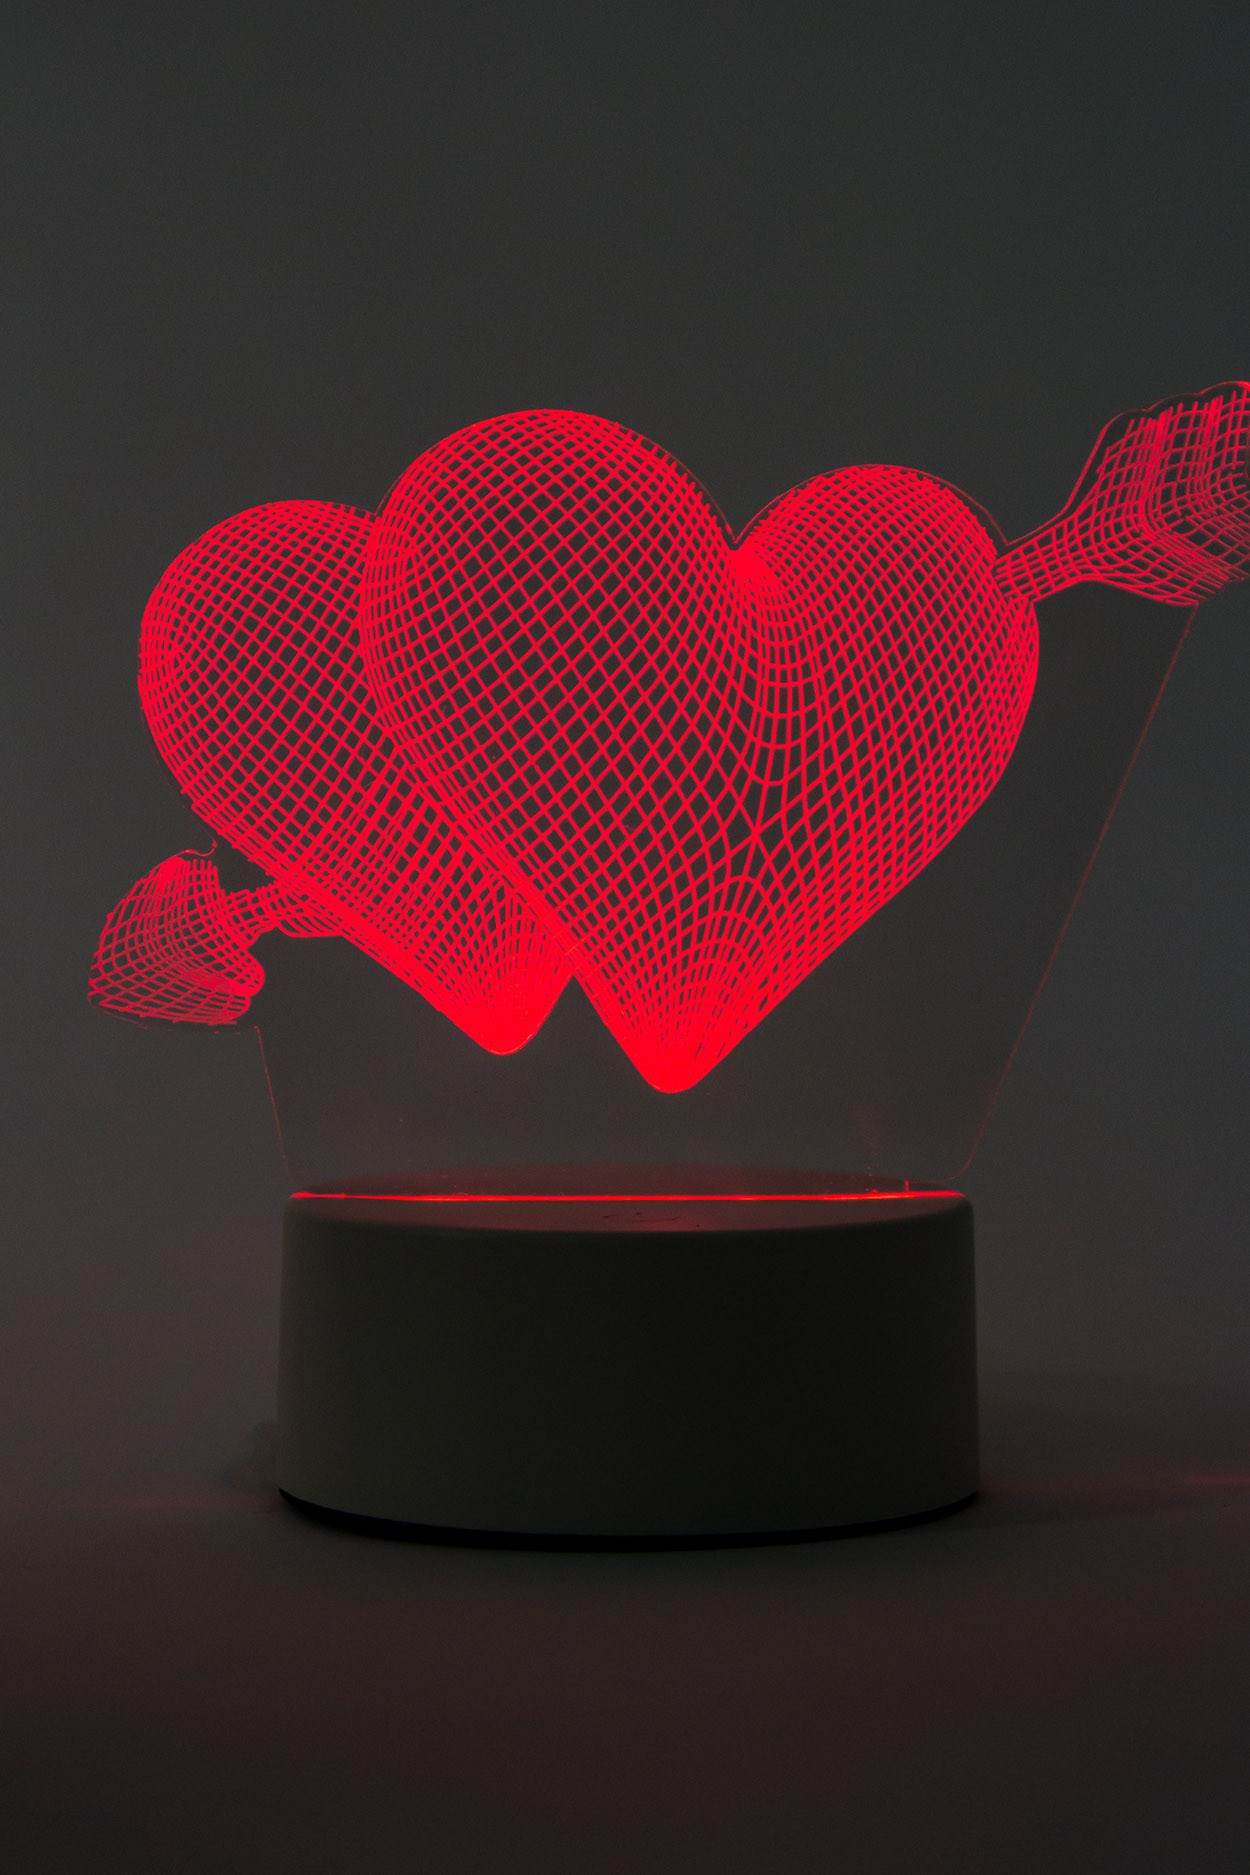 3D светодиодная лампа Сердце со стрелой 3 цвета в Ярославле